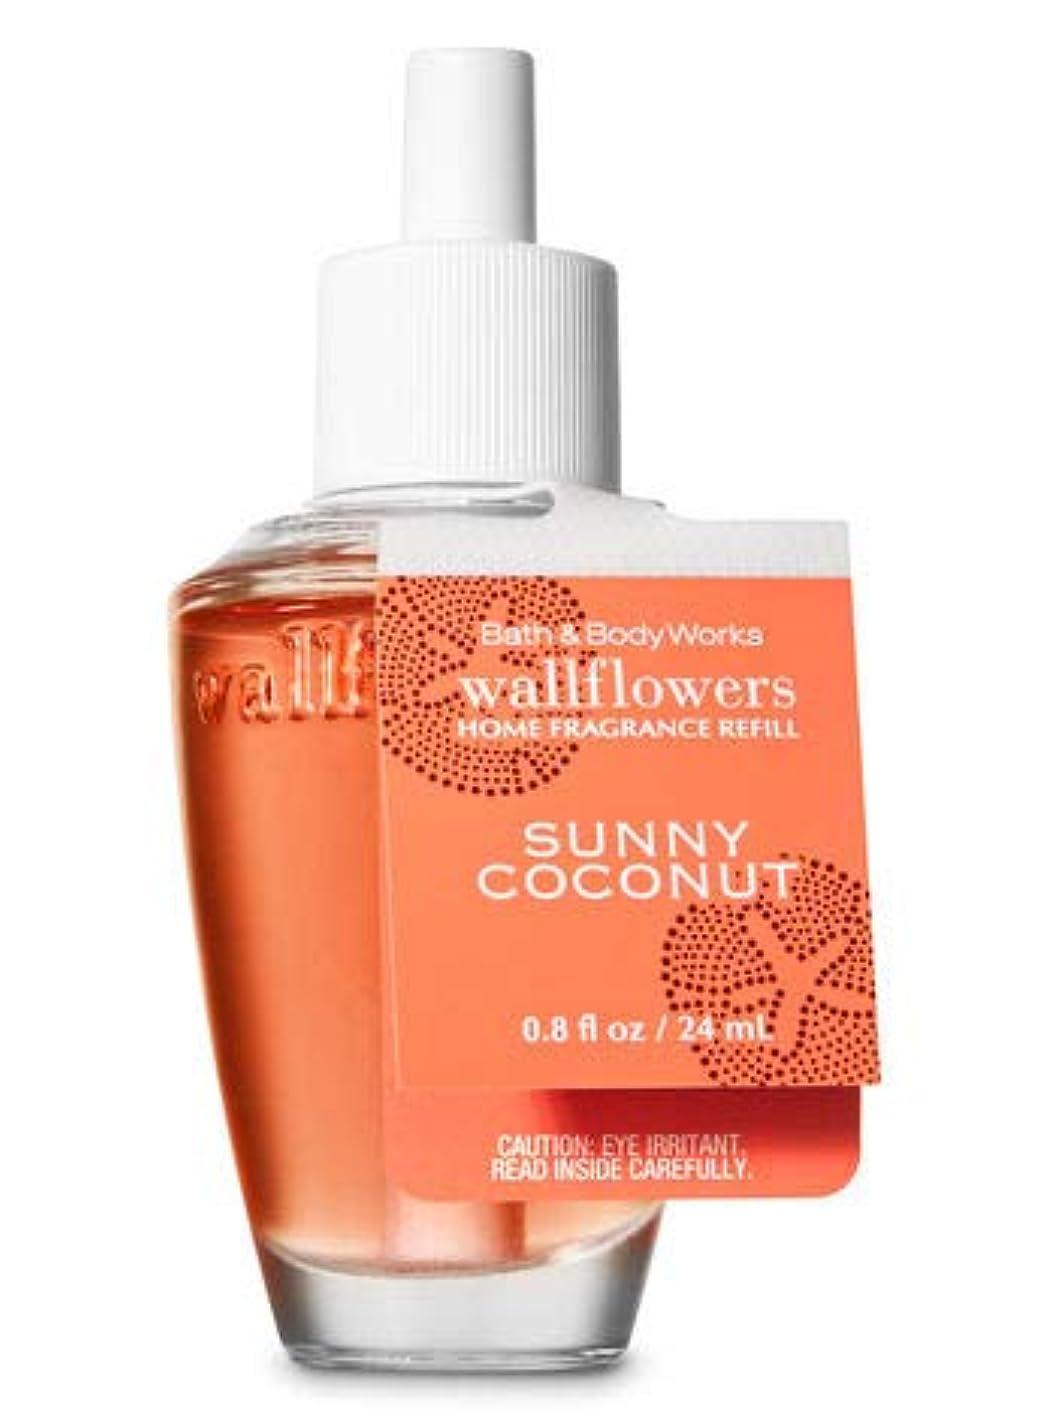 背の高い国摂動【Bath&Body Works/バス&ボディワークス】 ルームフレグランス 詰替えリフィル サニーココナッツ Wallflowers Home Fragrance Refill Sunny Coconut [並行輸入品]